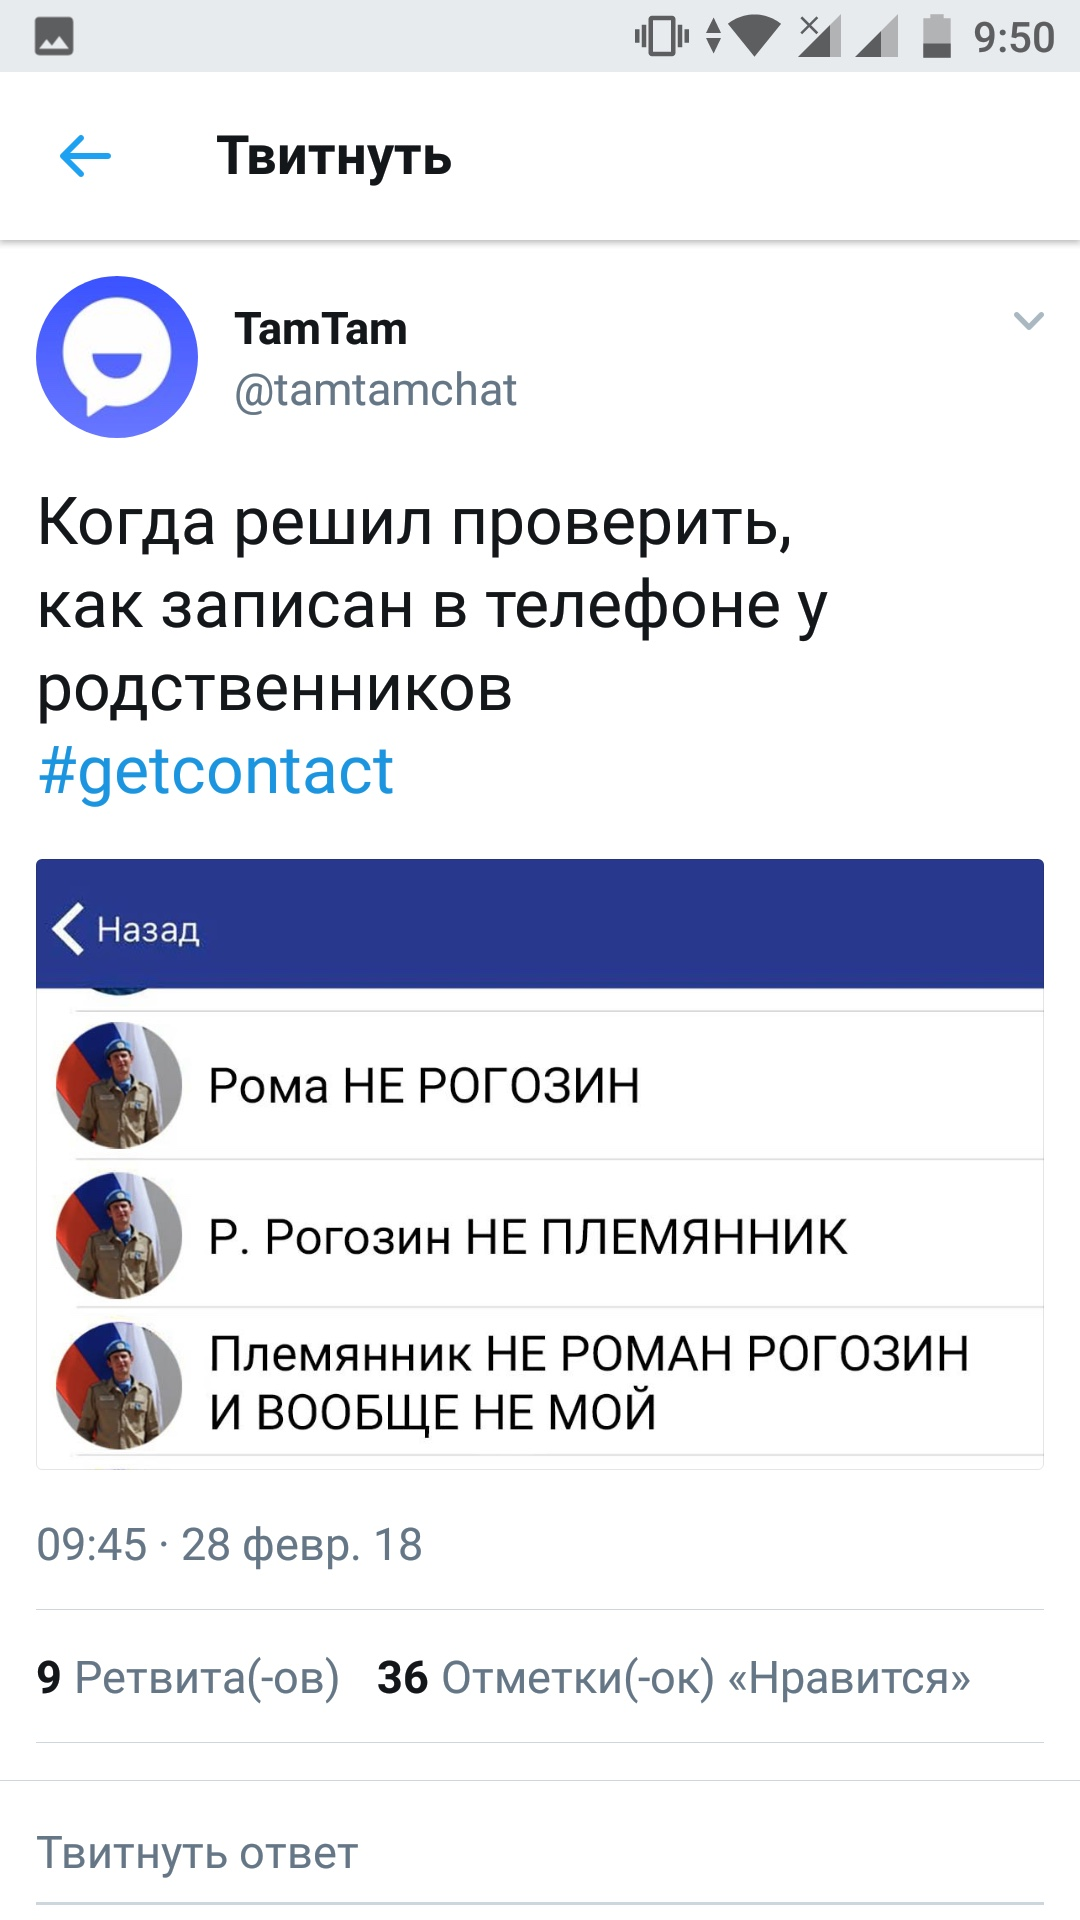 Отзывы о getcontact - положительные и отрицательные мнения пользователей